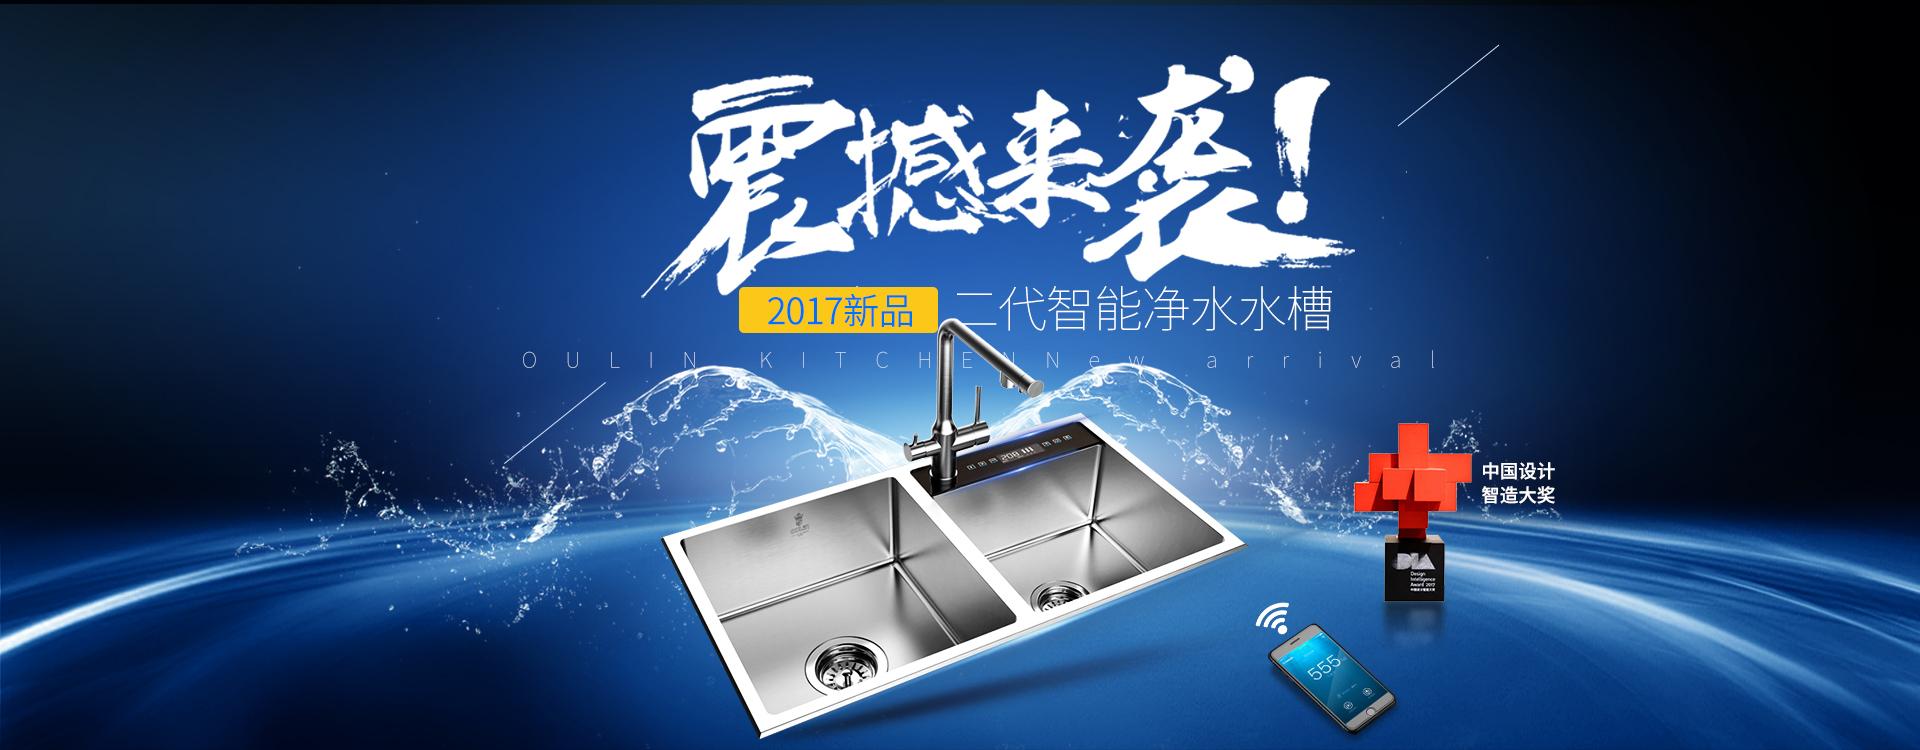 2017新品-欧琳二代智能净水水槽